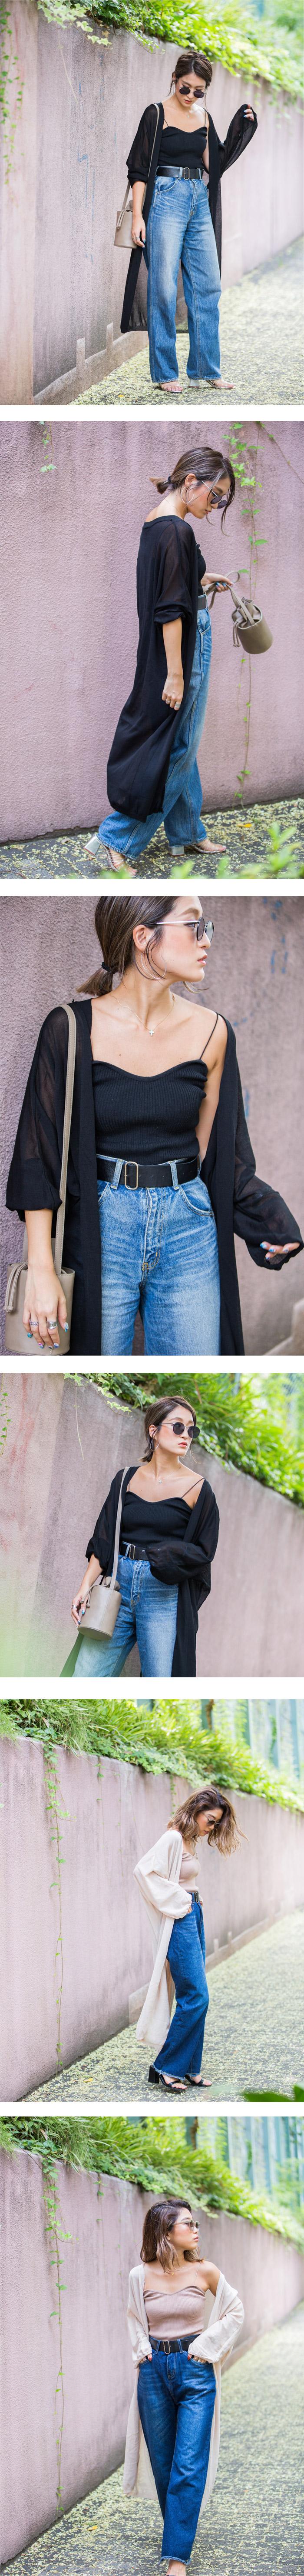 fl 0090 0 - シンプルで格好良いファッションが好きな低身長女子には「Flugge」通販サイト